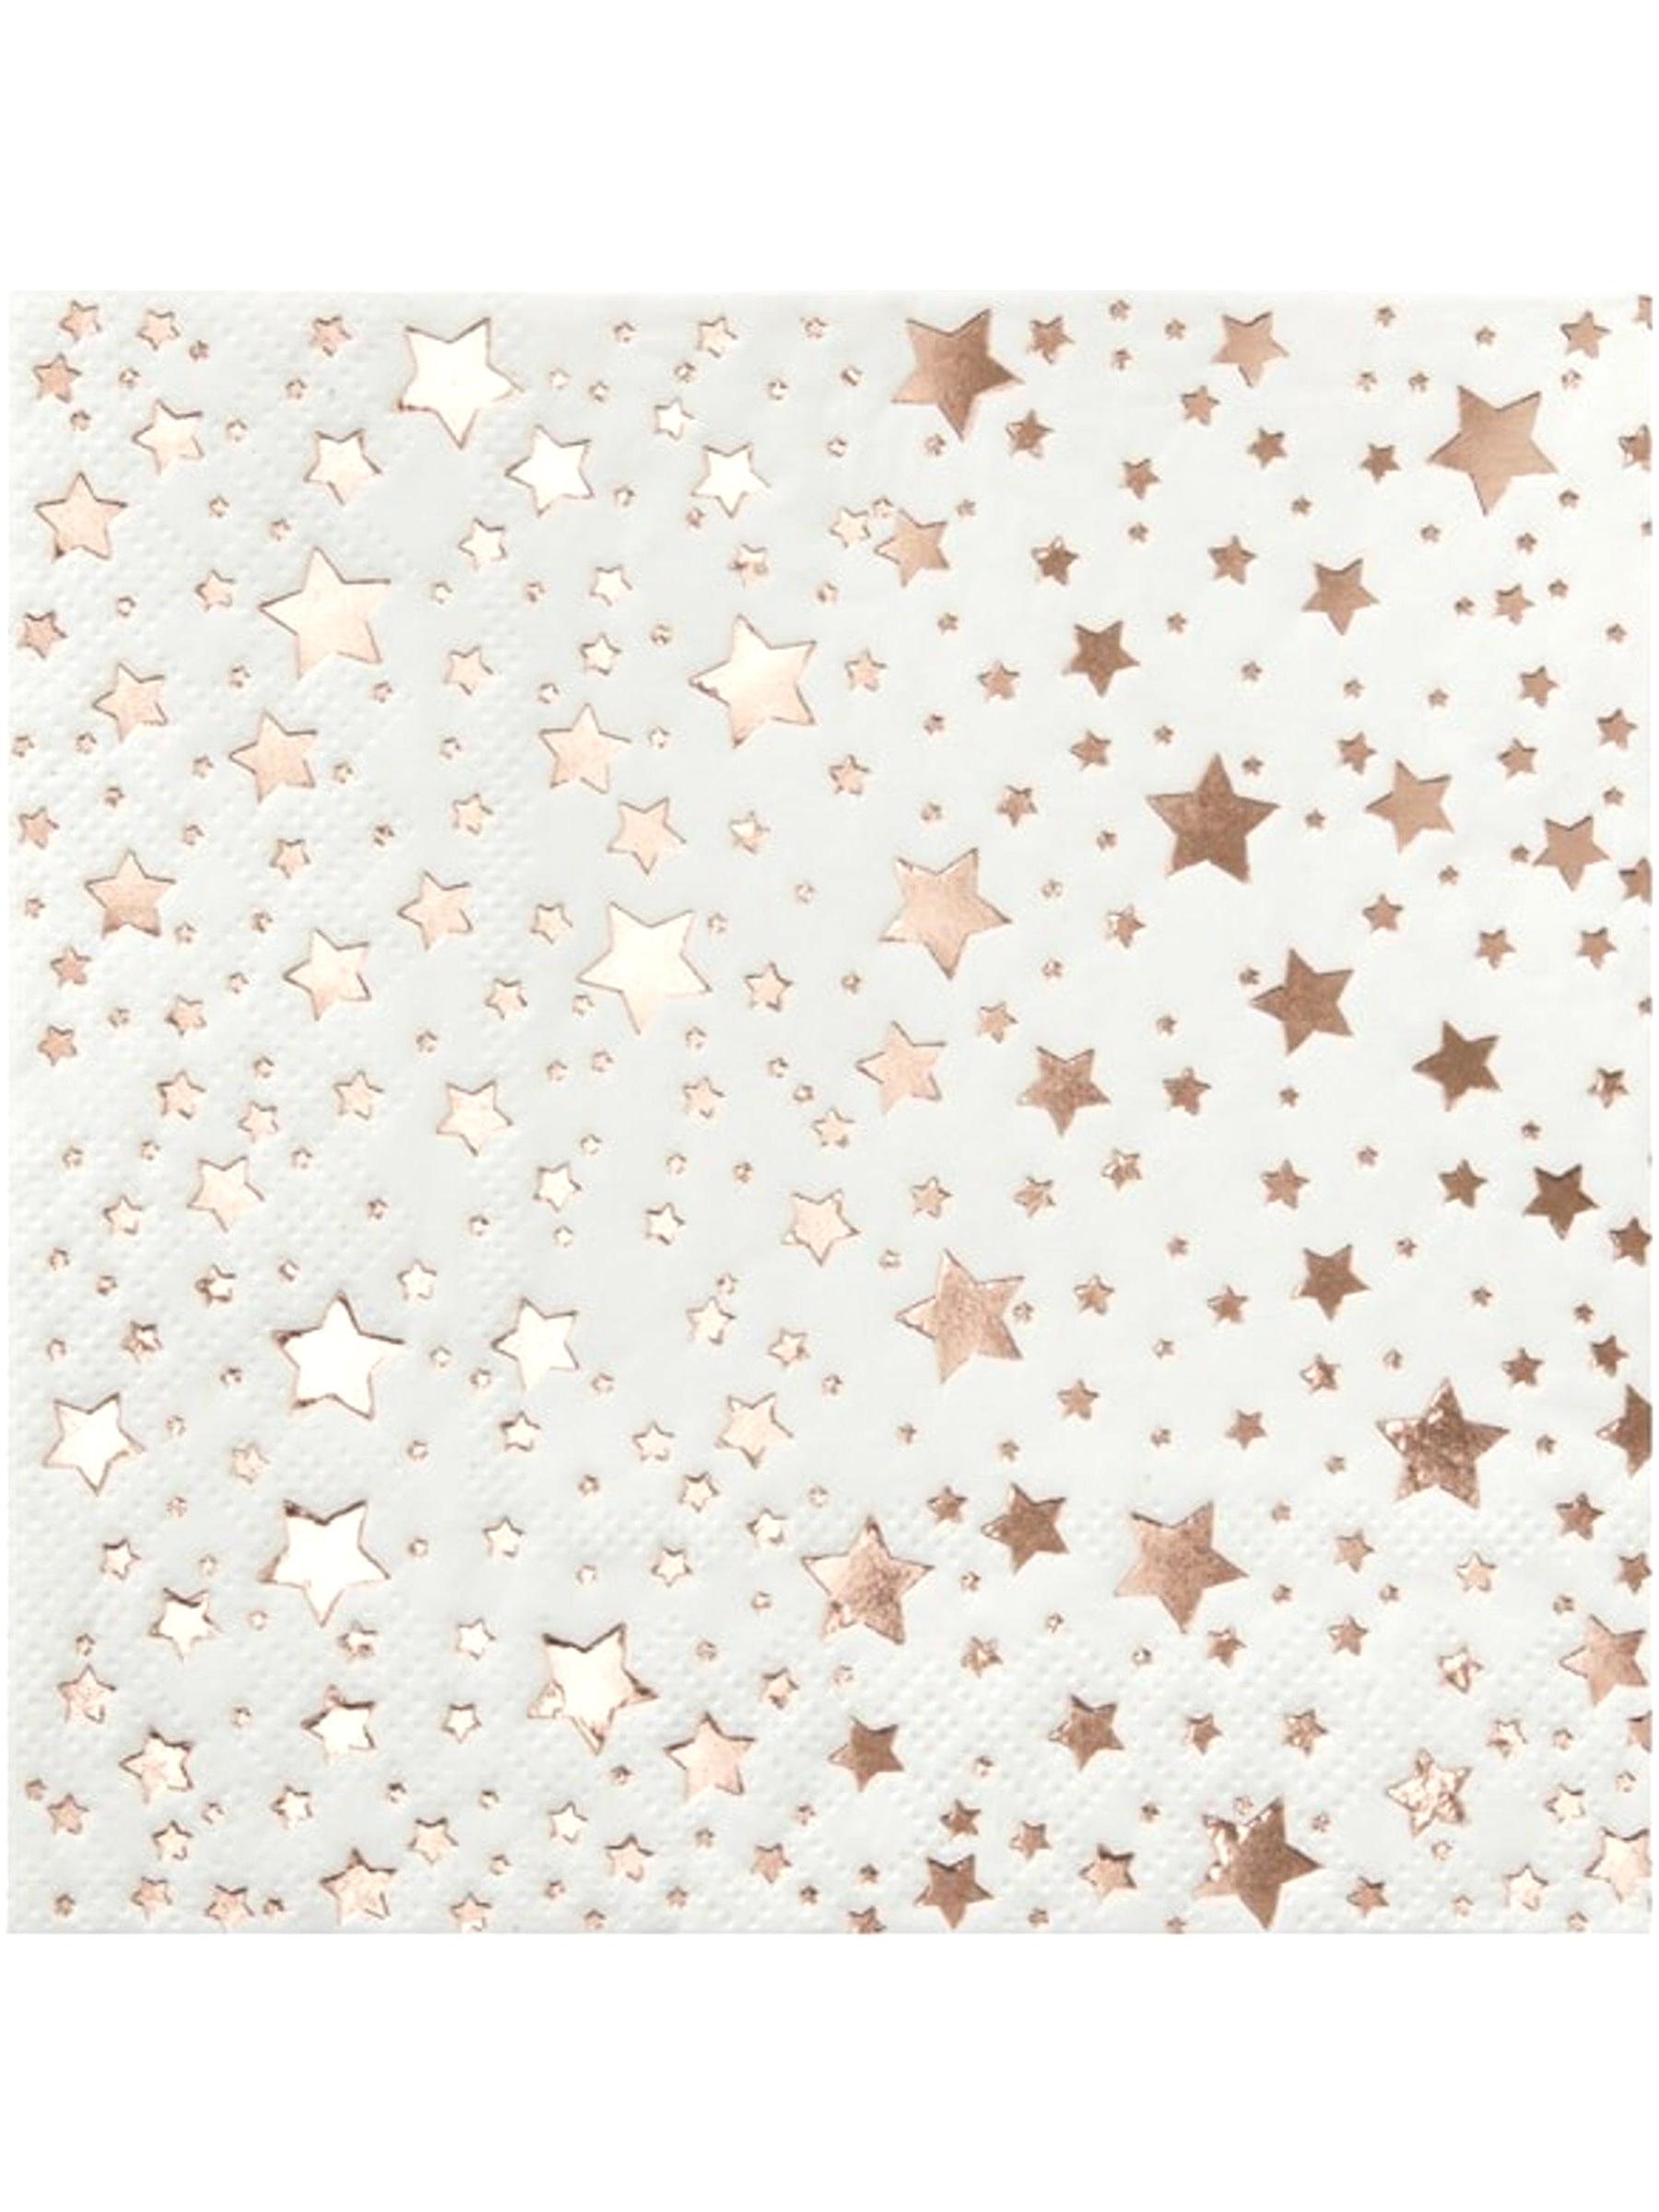 Serviettes En Papier Originales 20 petites serviettes en papier etoiles rose gold métallisé 25 x 25 cm,  décoration anniversaire et fêtes à thème sur vegaoo party